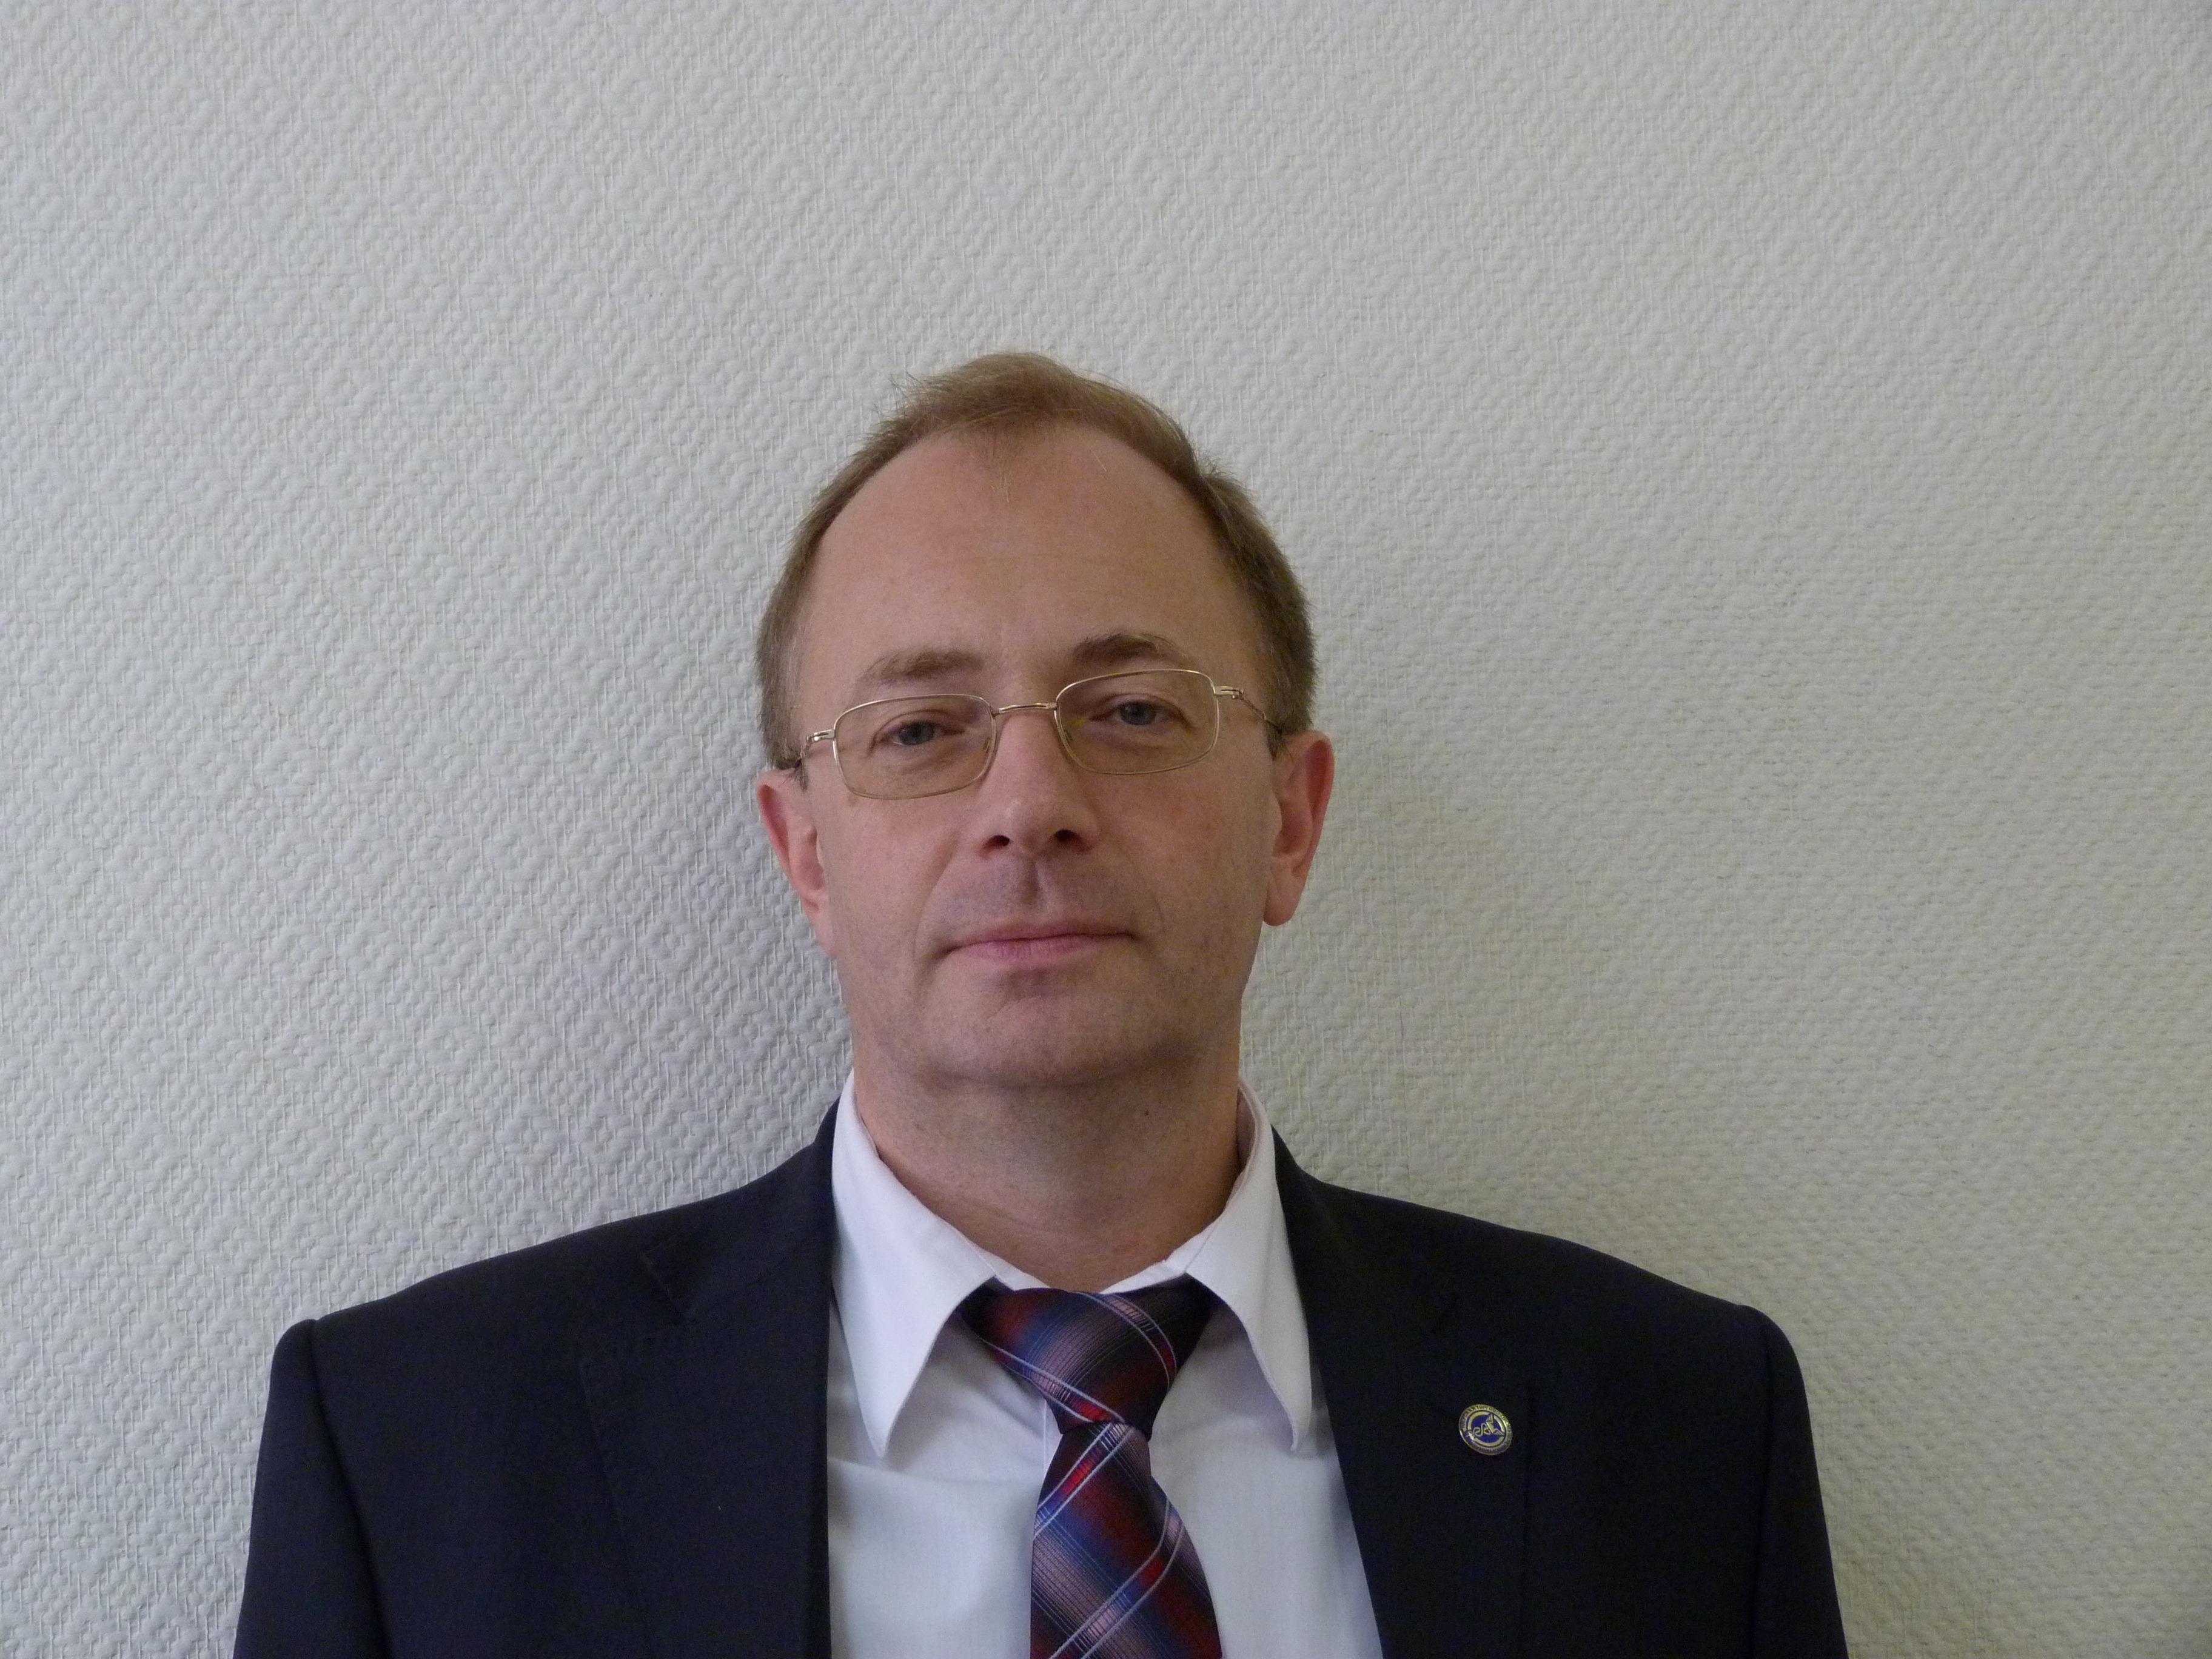 Владислав Шориков: это отличный пример лоббирования интересов региона